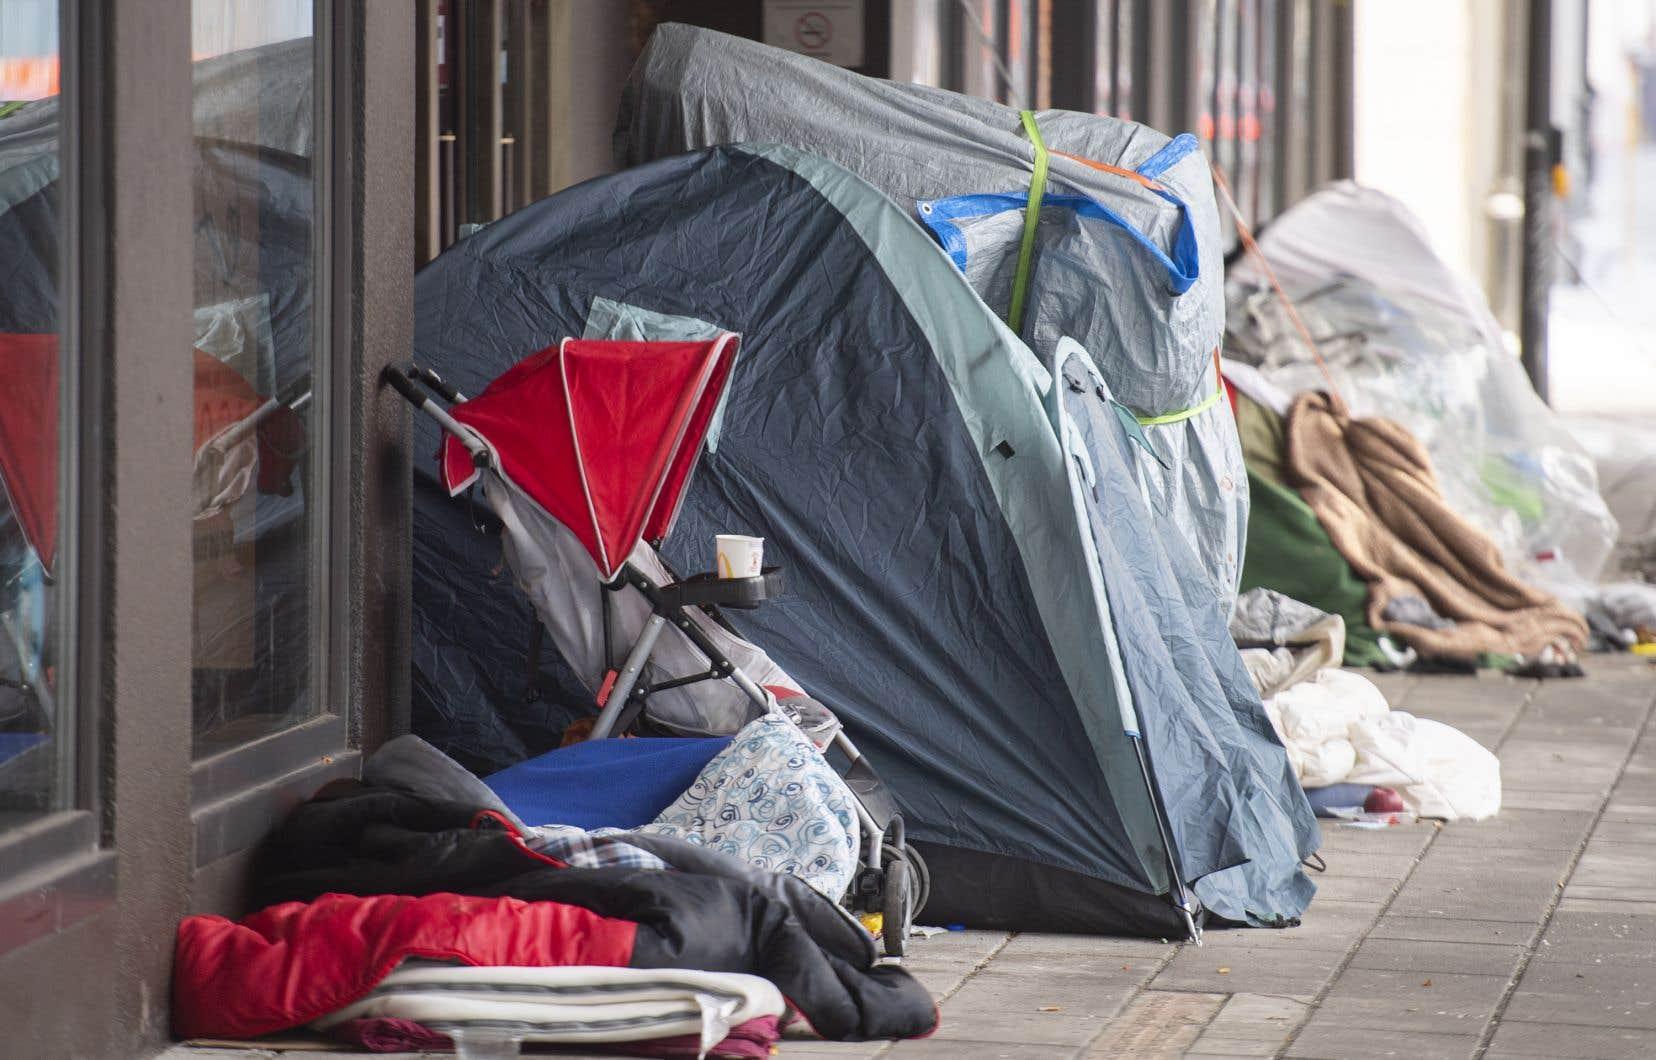 FrançoisLegault s'est défendu en disant que l'objectif n'a jamais été de distribuer des contraventions aux sans-abri.